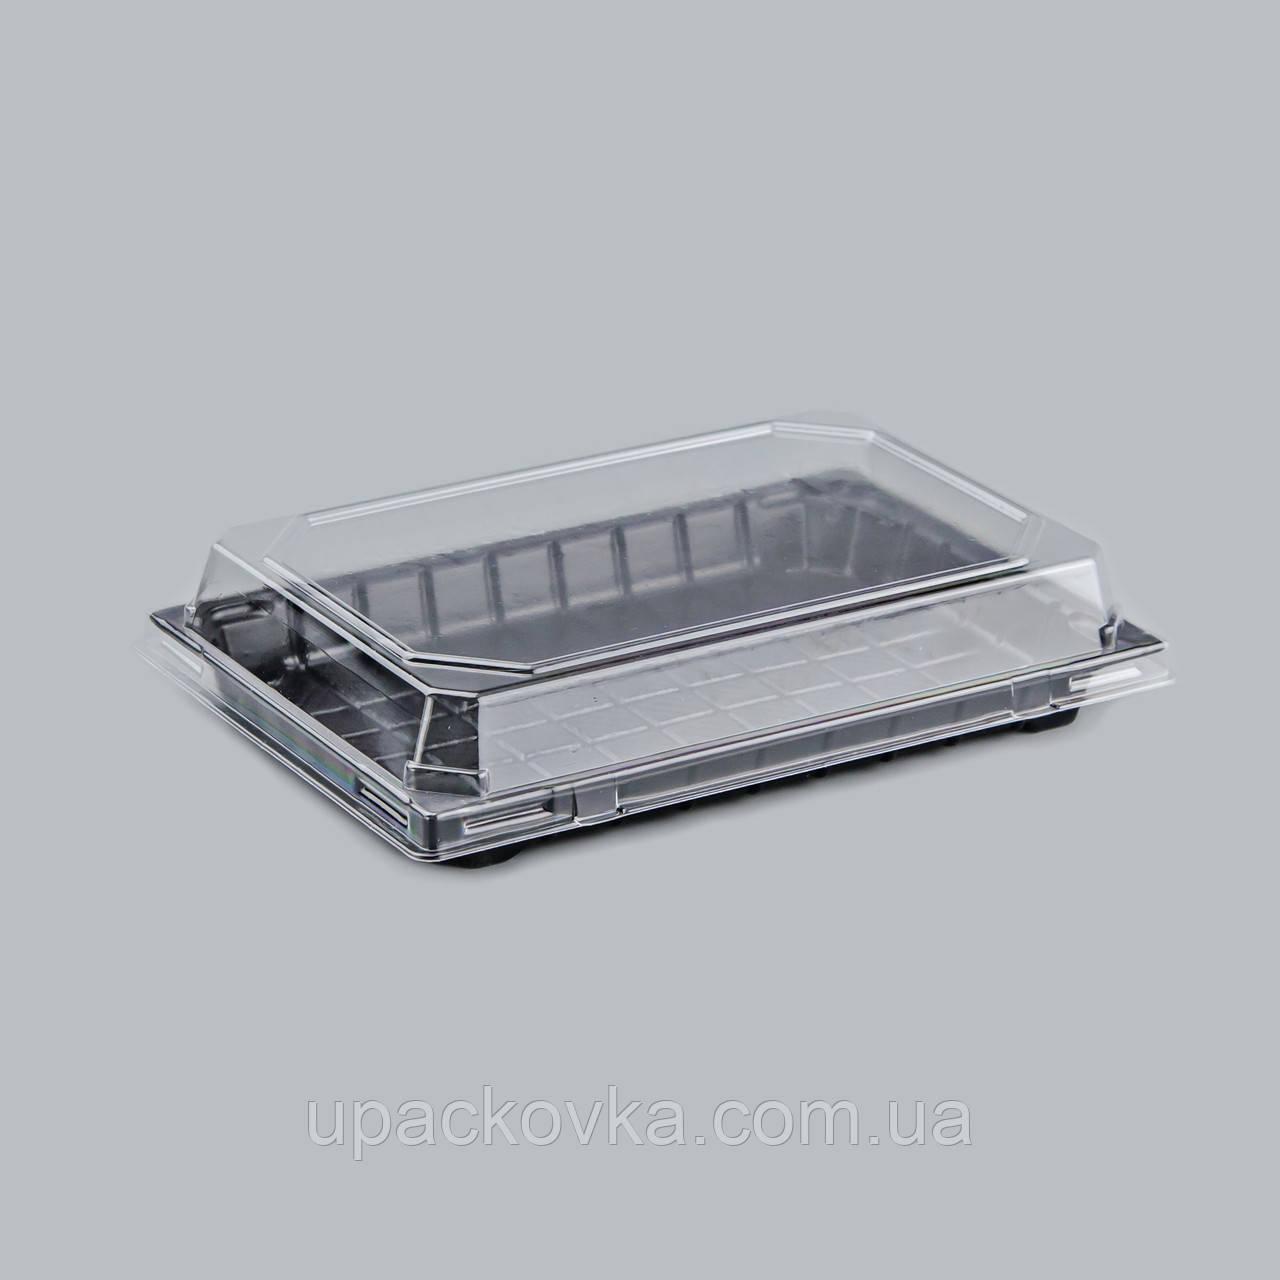 Пластиковая упаковка для суши и роллов ПС-64, 400 шт/уп